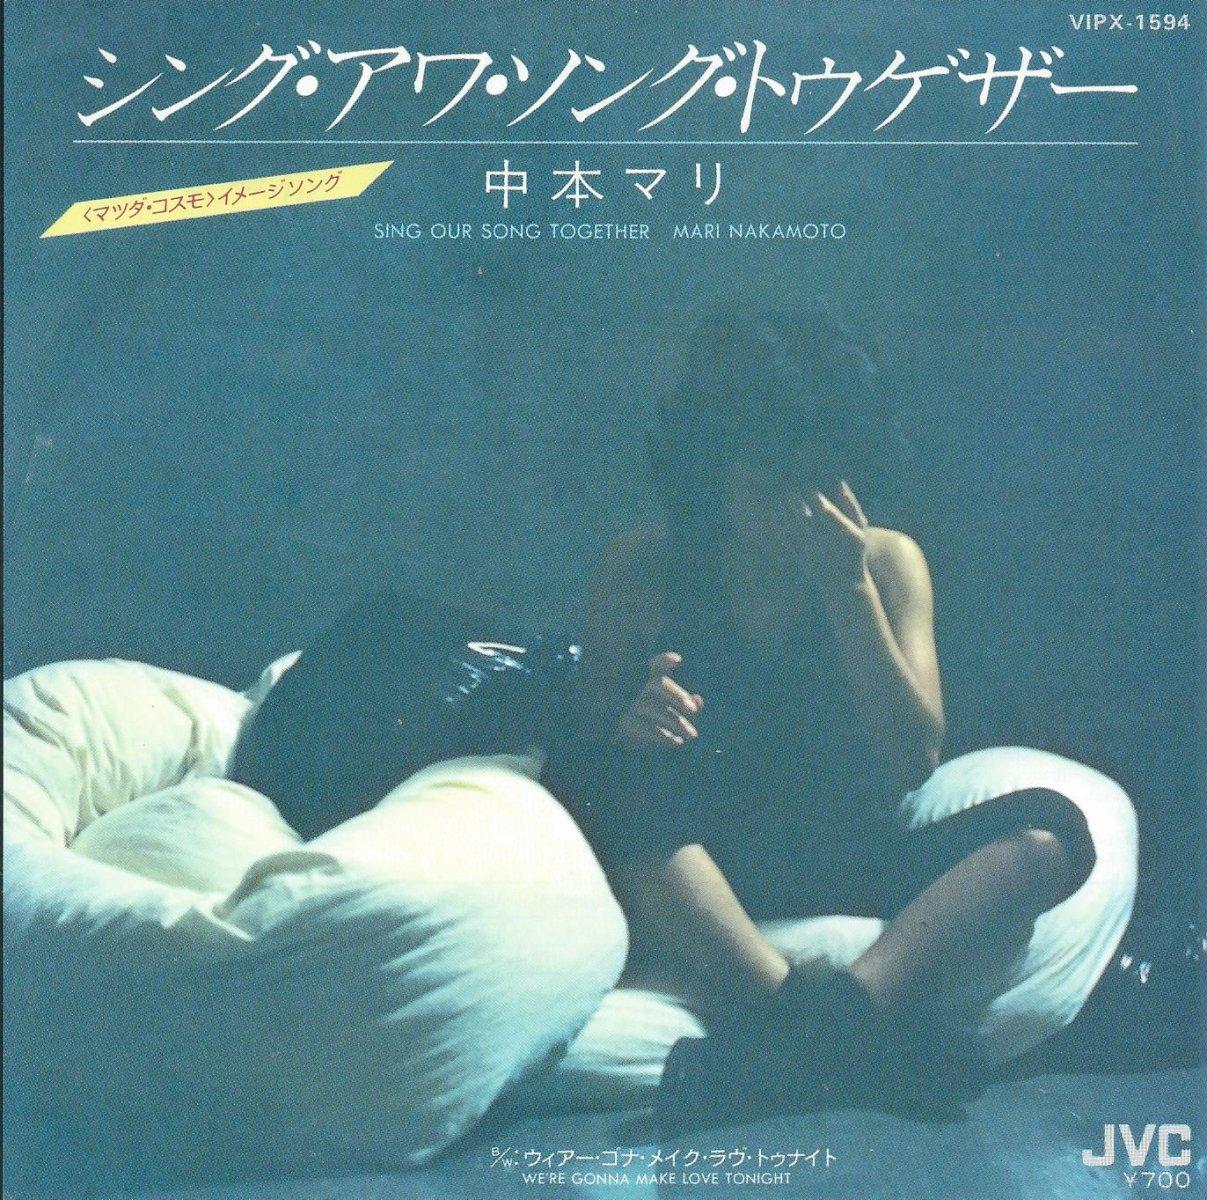 中本マリ MARI NAKAMOTO / シング・アワ・ソング・トゥゲザー SING OUR TOGETHER (7